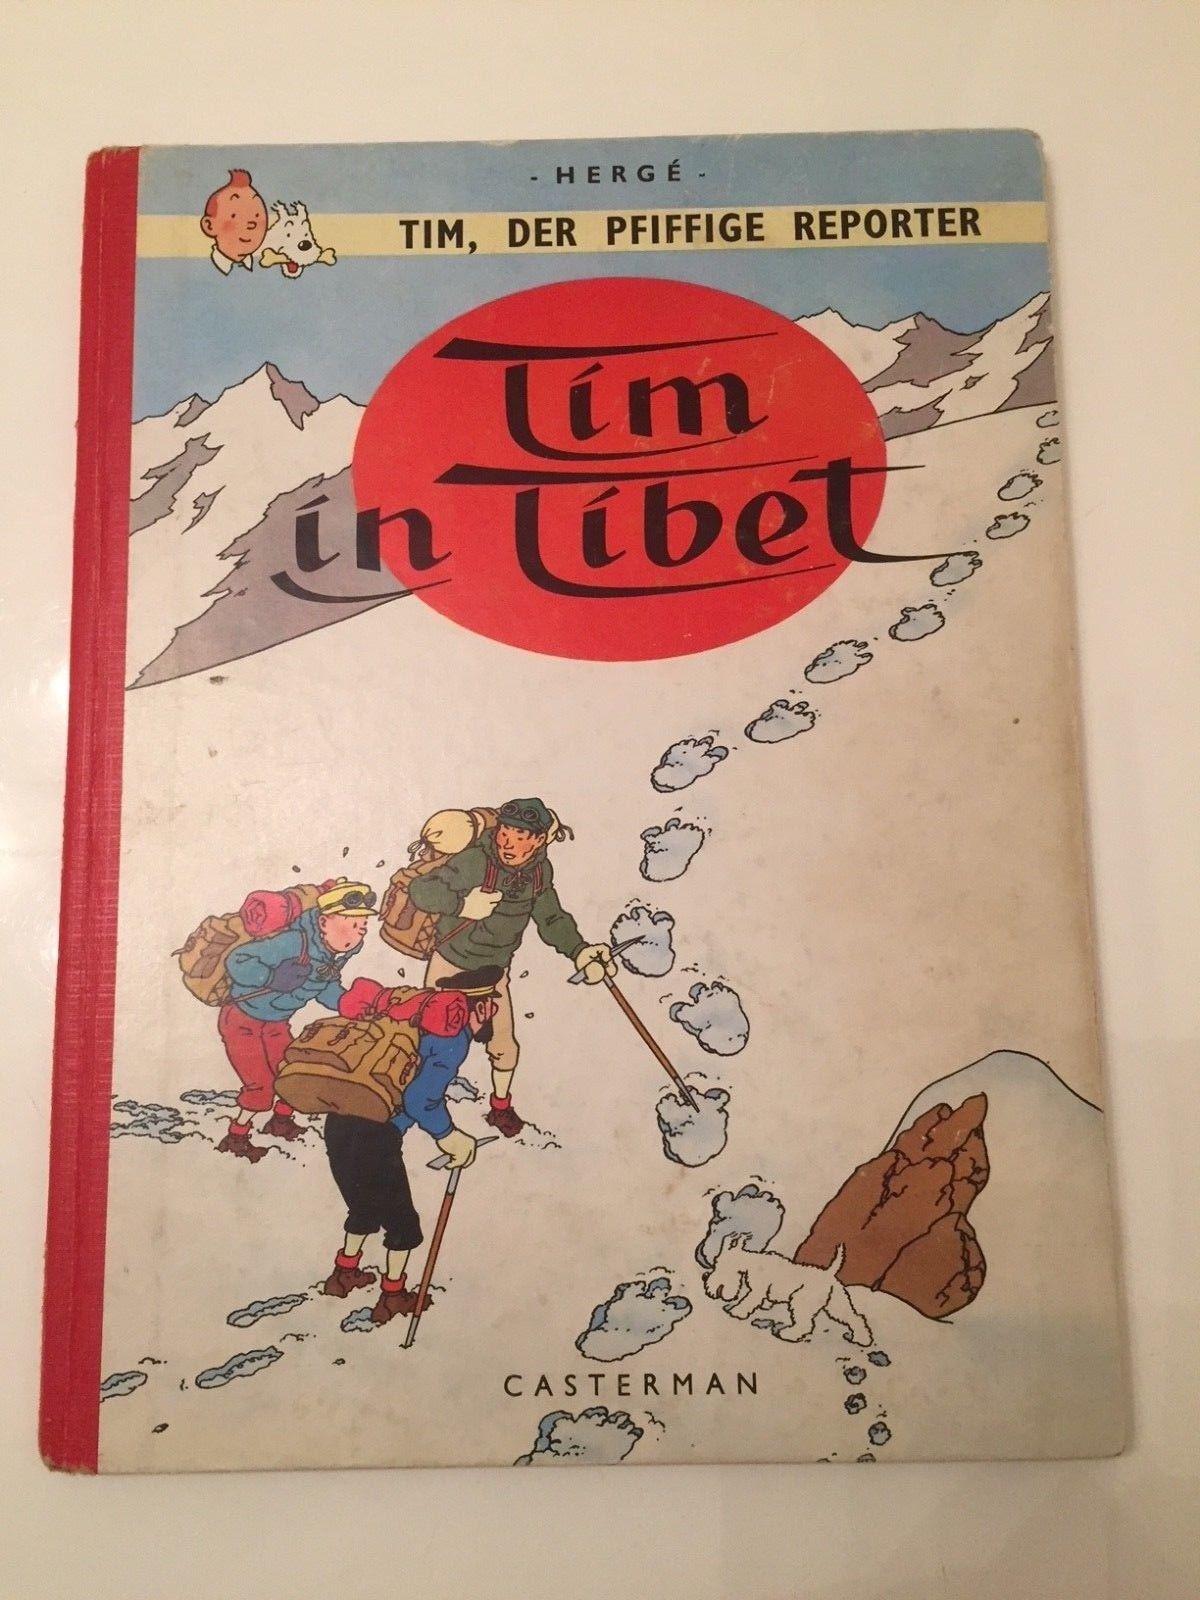 Tim der pfiffige Reporter - Tim in Tibet -   guter Zustand  TINTIN